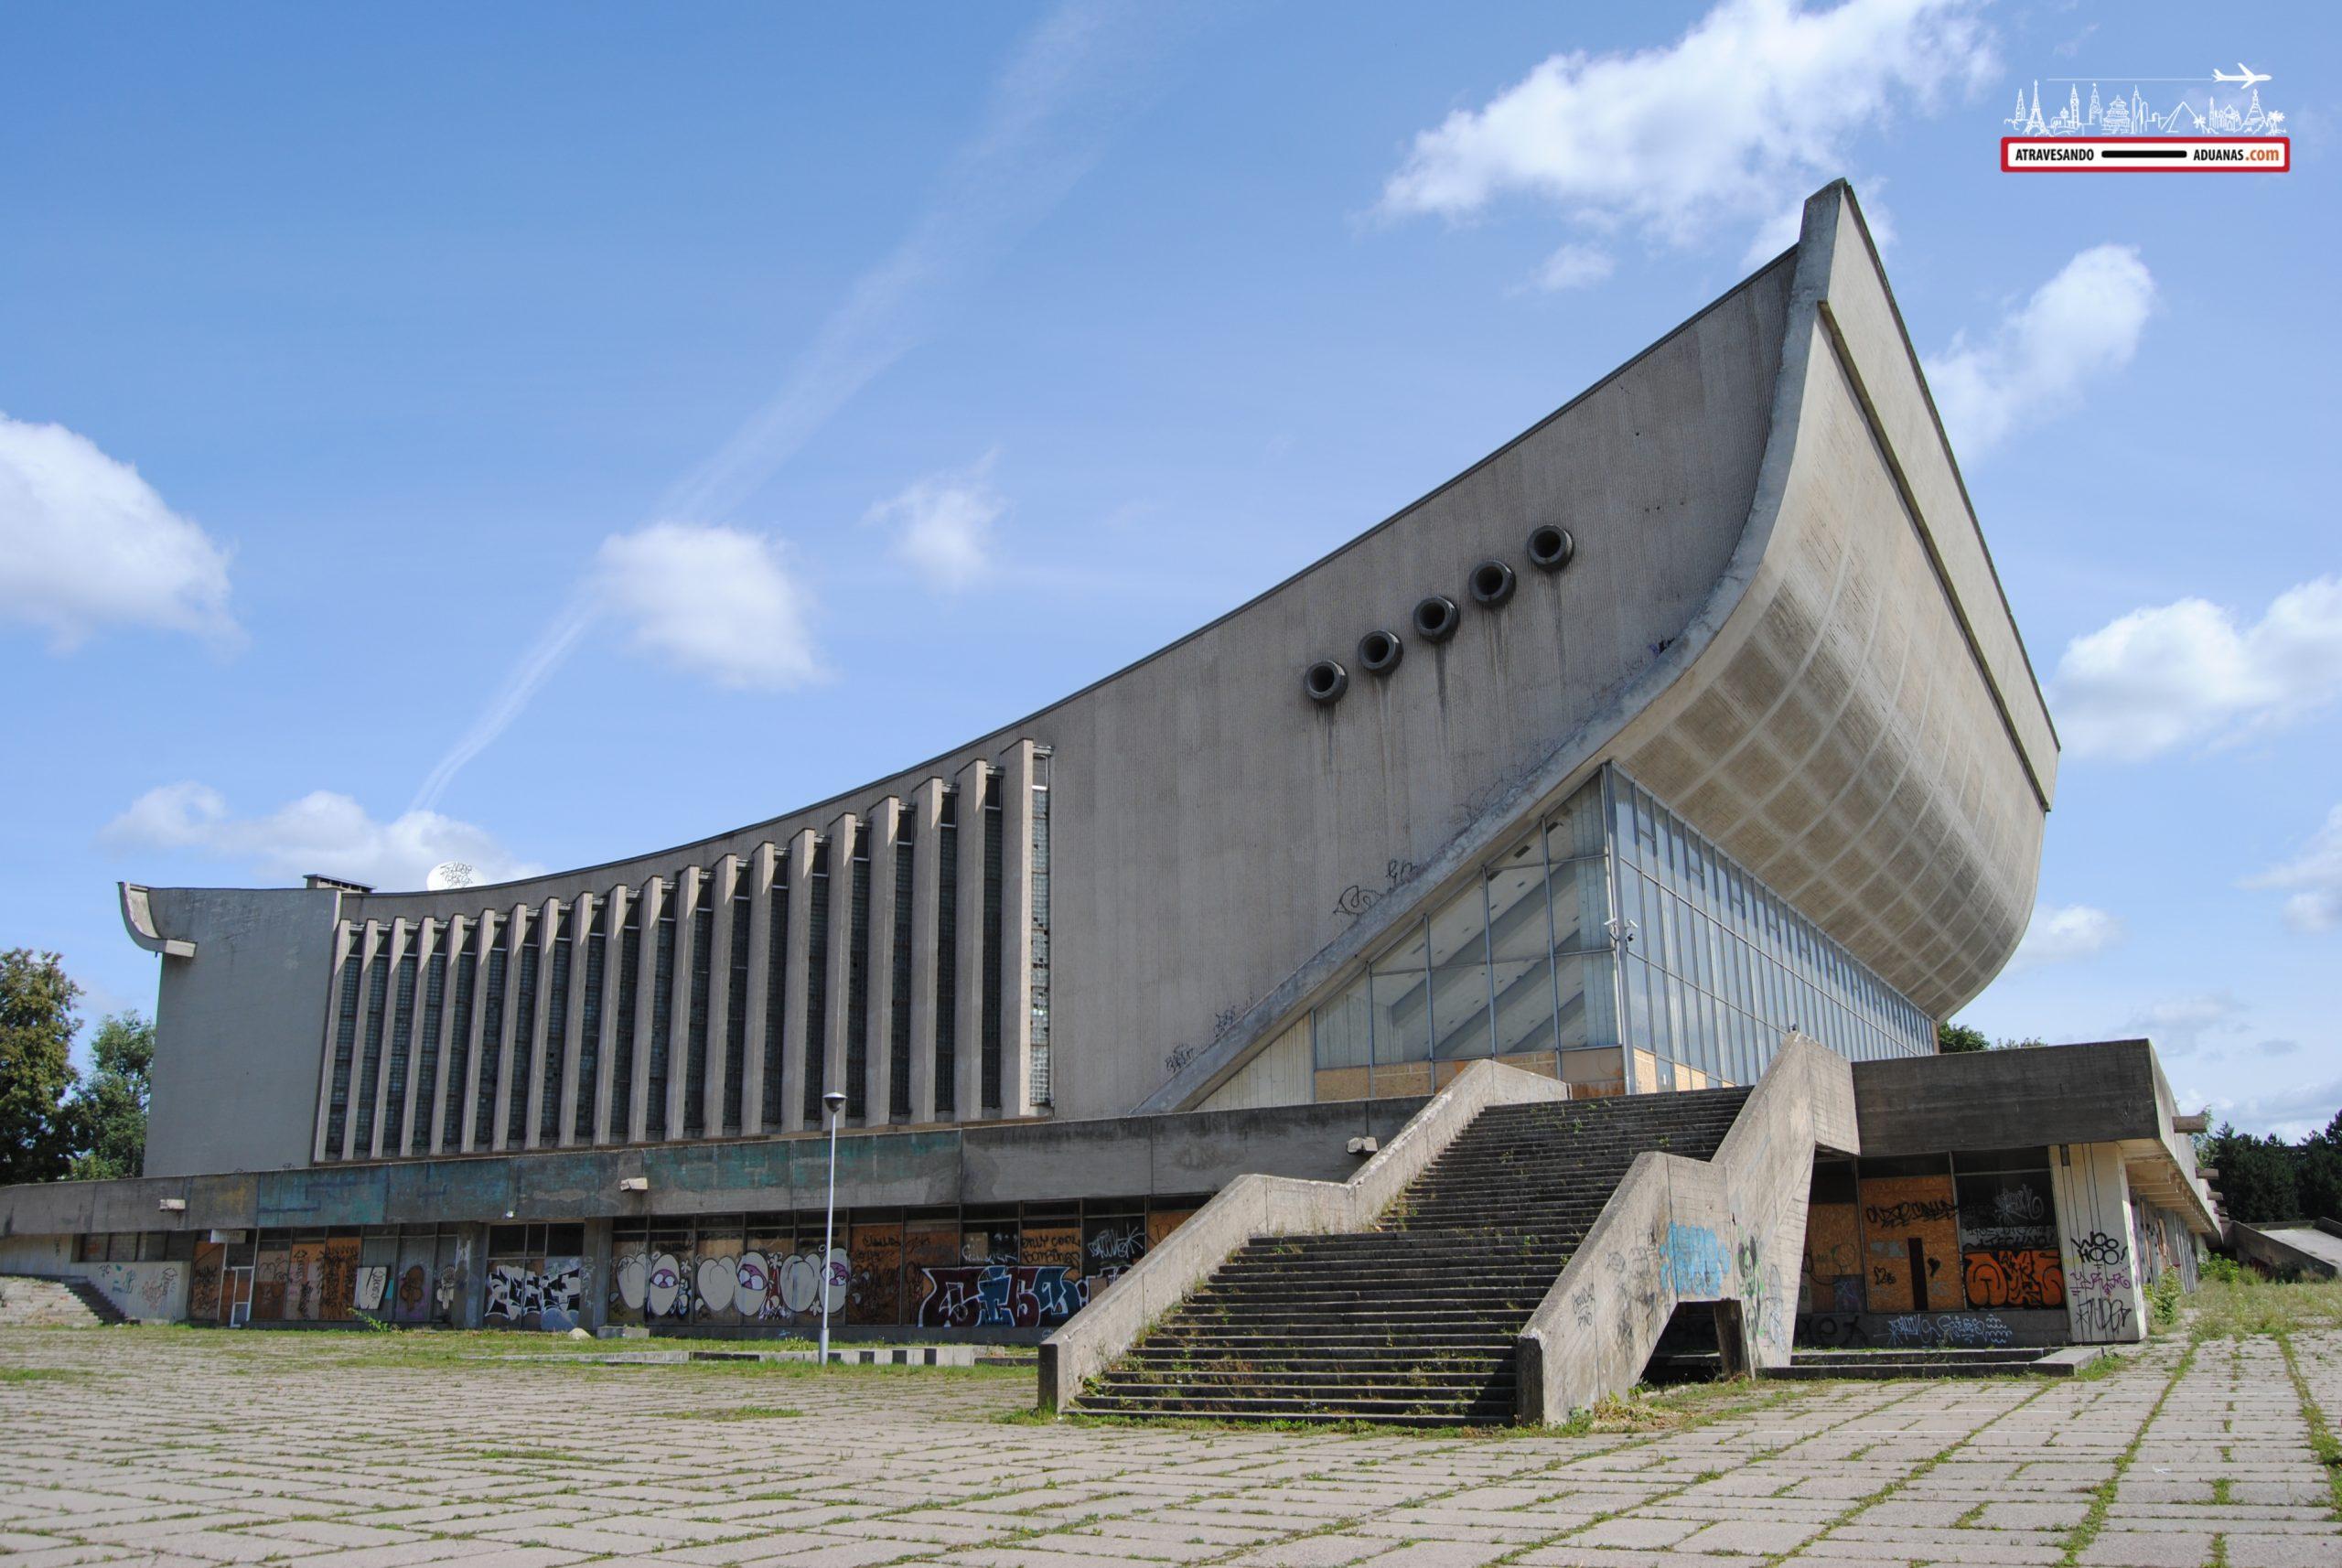 Complejo deportivo abandonado en Vilnius